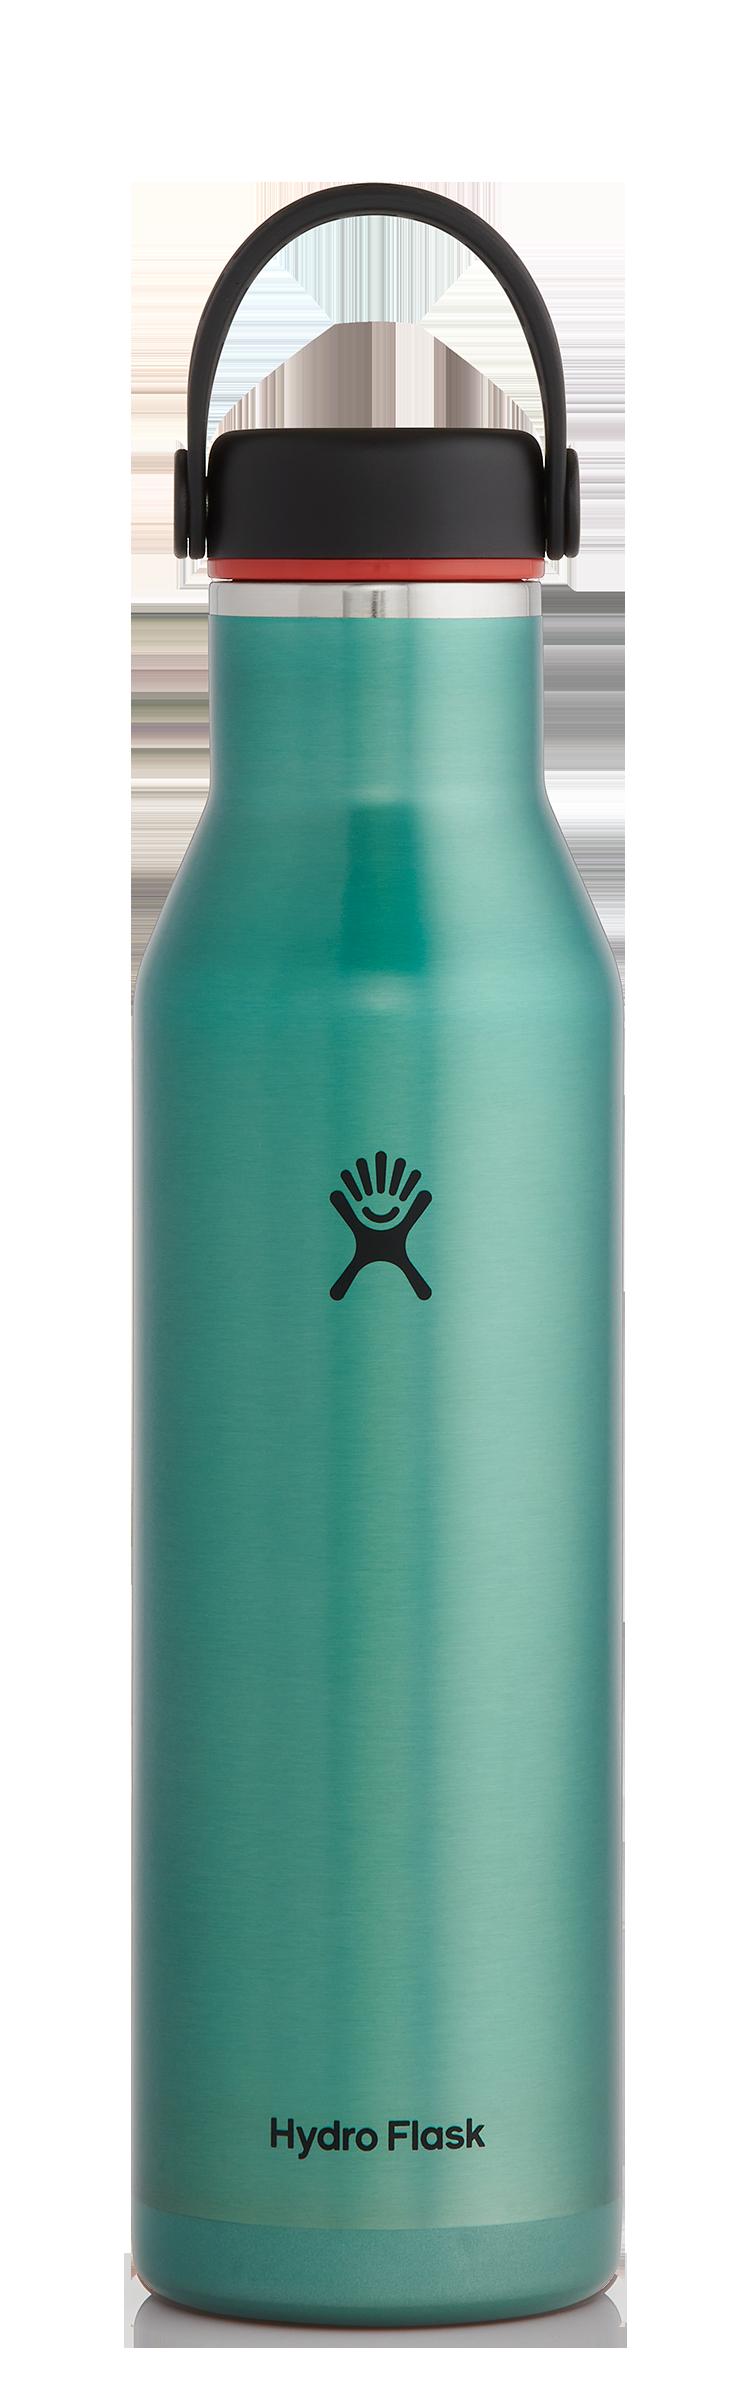 Hydro Flask Lightweight Standard Flex Cap